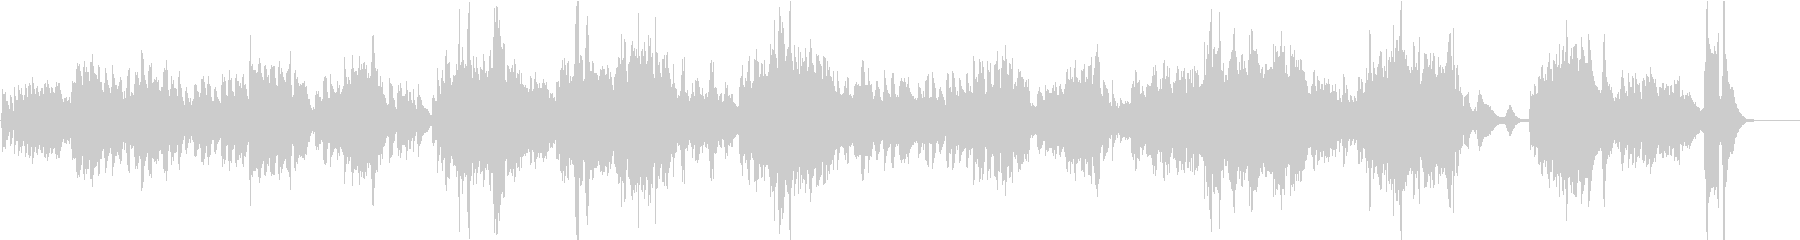 エルガー「朝の歌」/バイオリン生演奏の未再生の波形